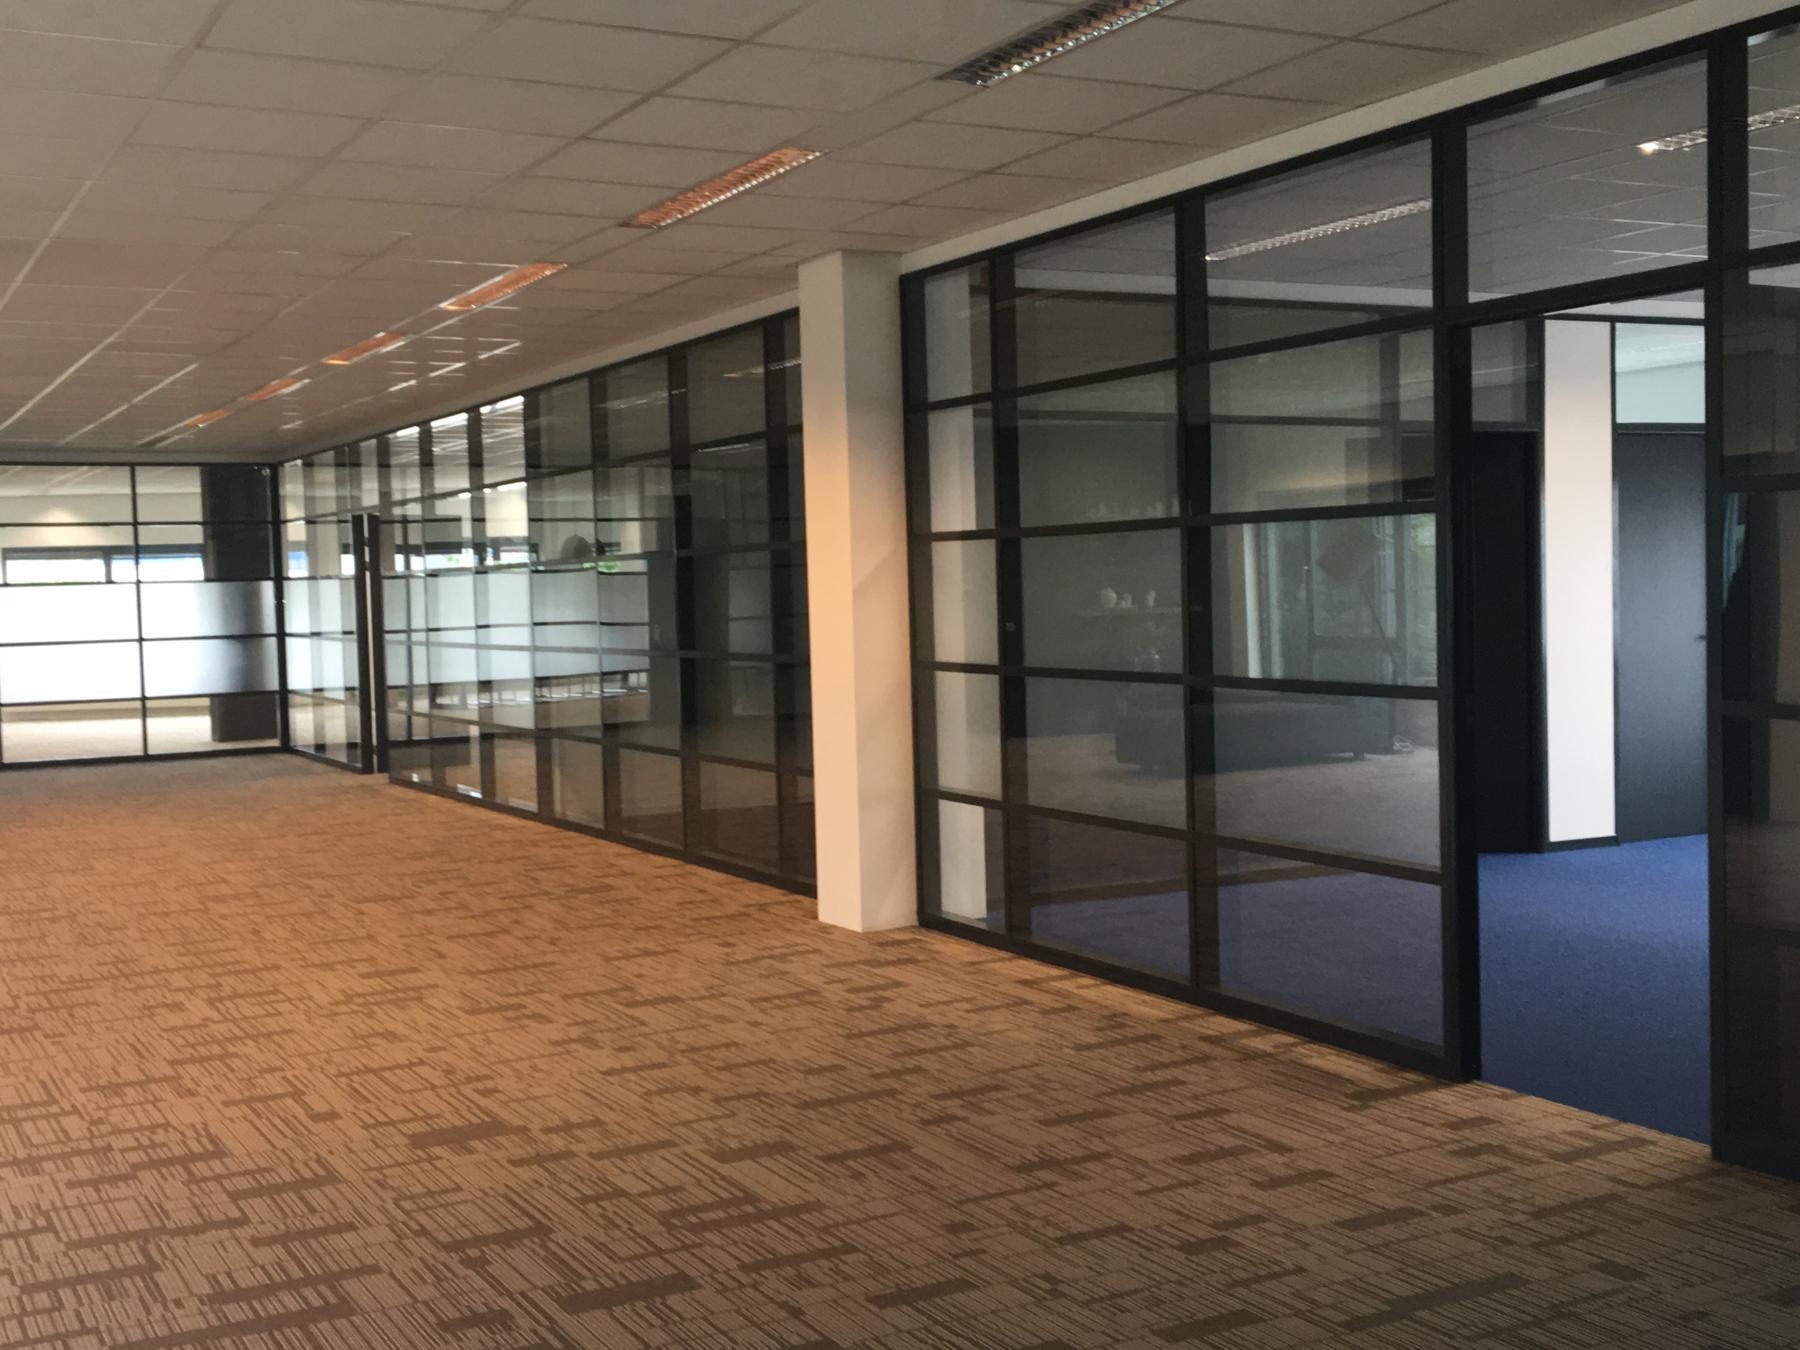 kantoorruimte te huur capelle aan den ijssel rivium boulevard beschikbaar SKEPP